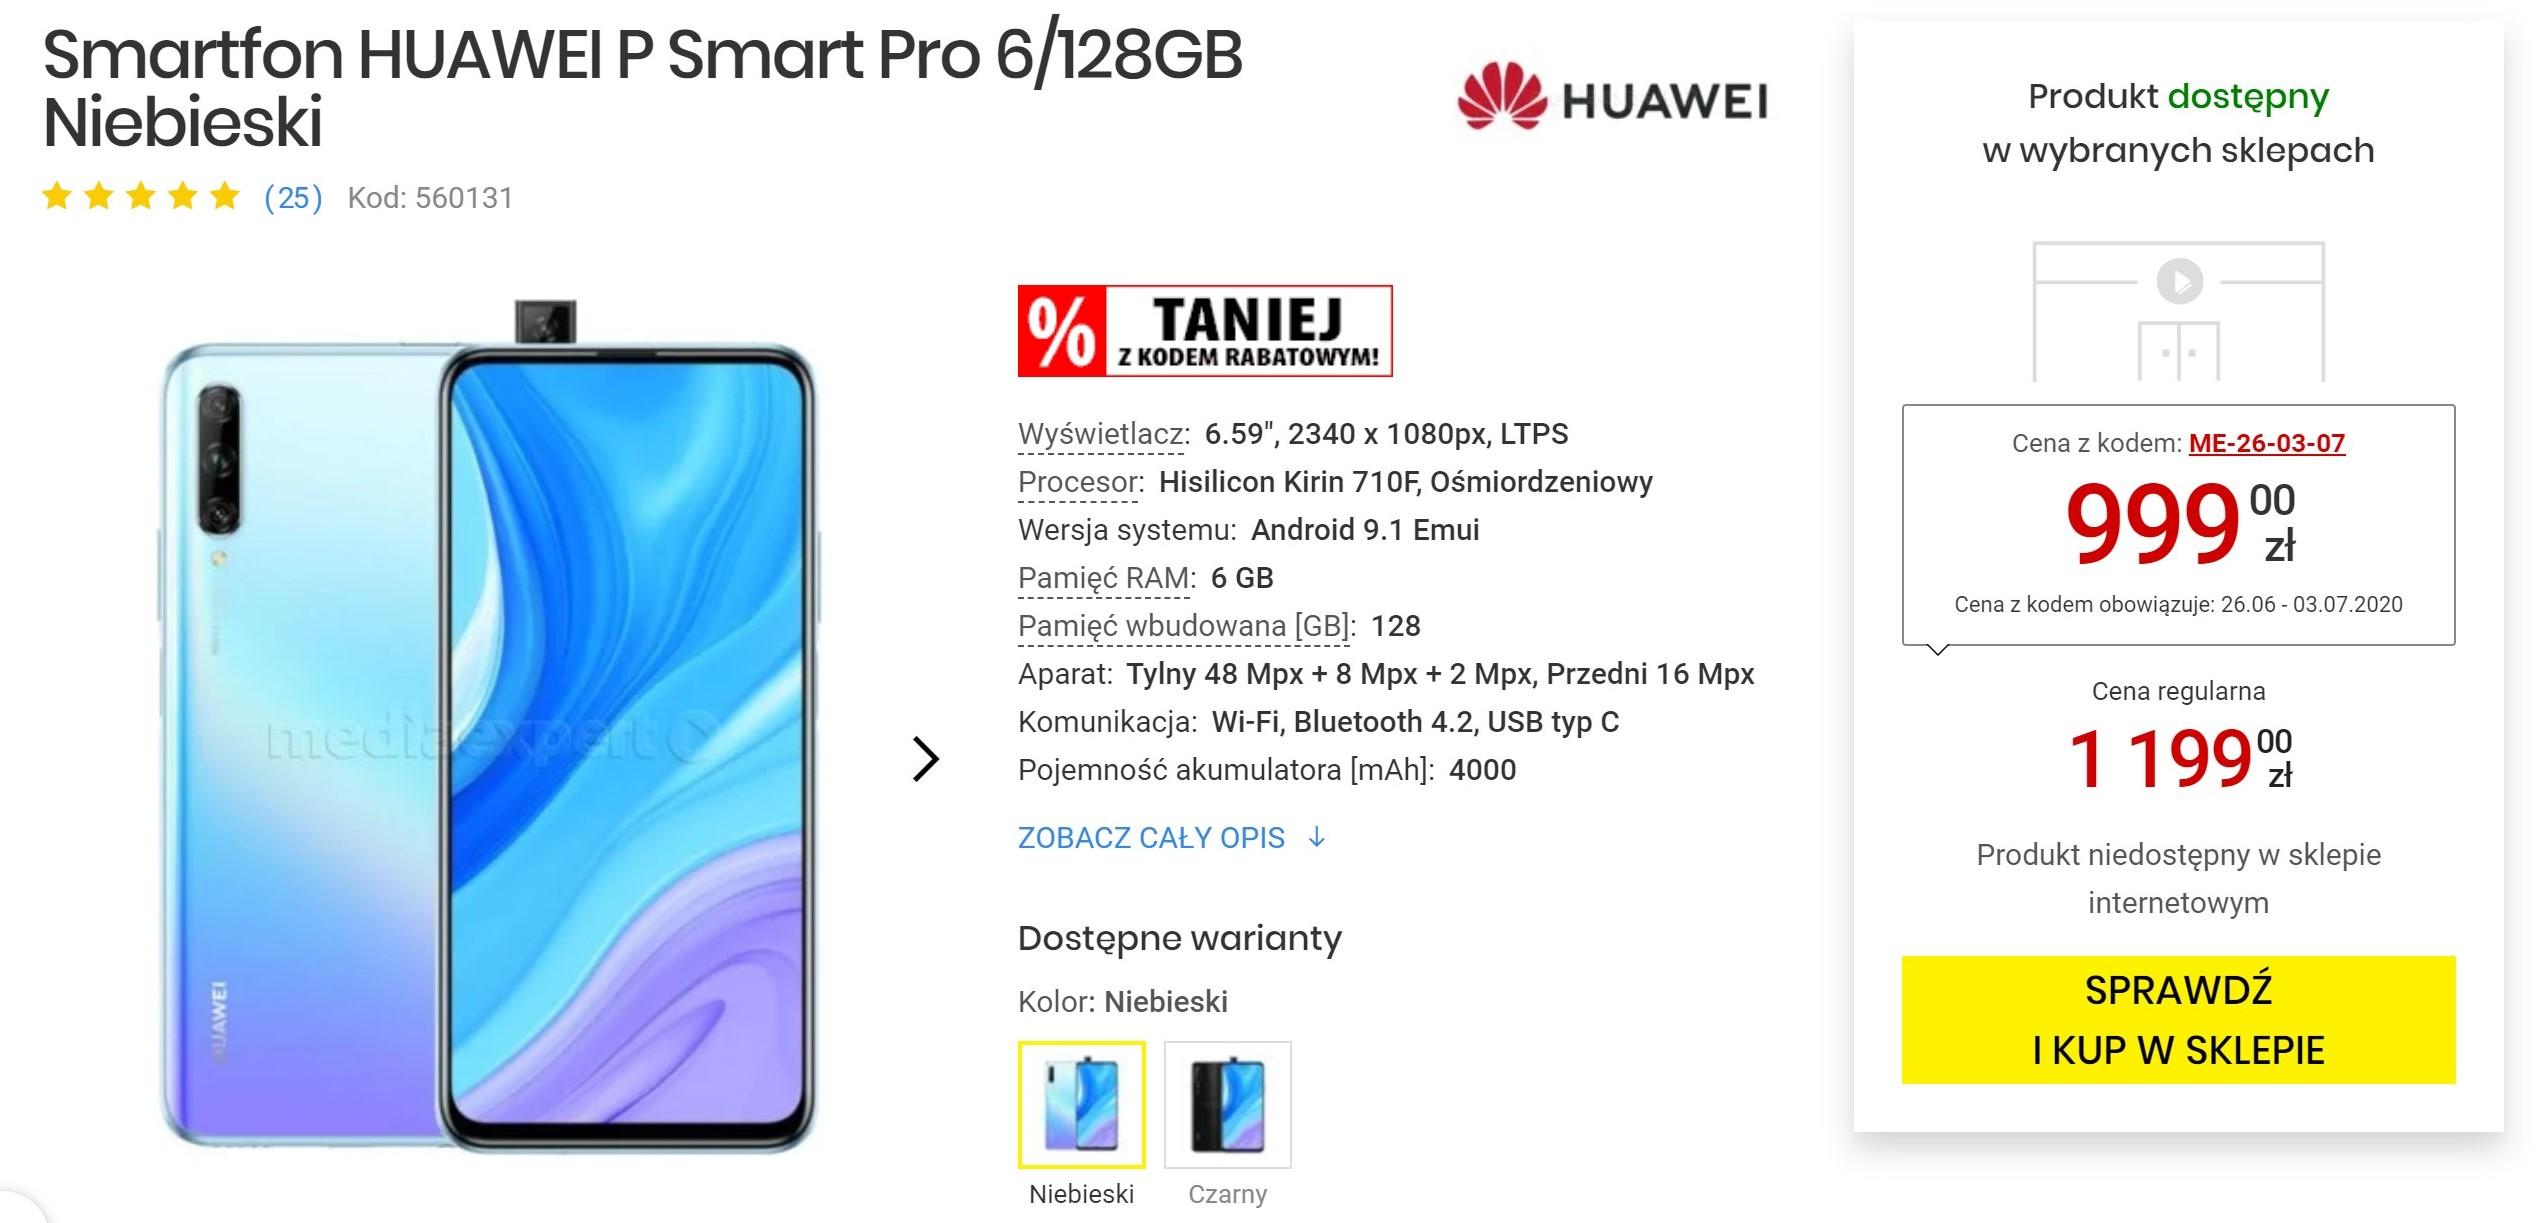 Huawei P Smart Pro taniej niż kiedykolwiek. Zmieścisz się w 1000 zł 18